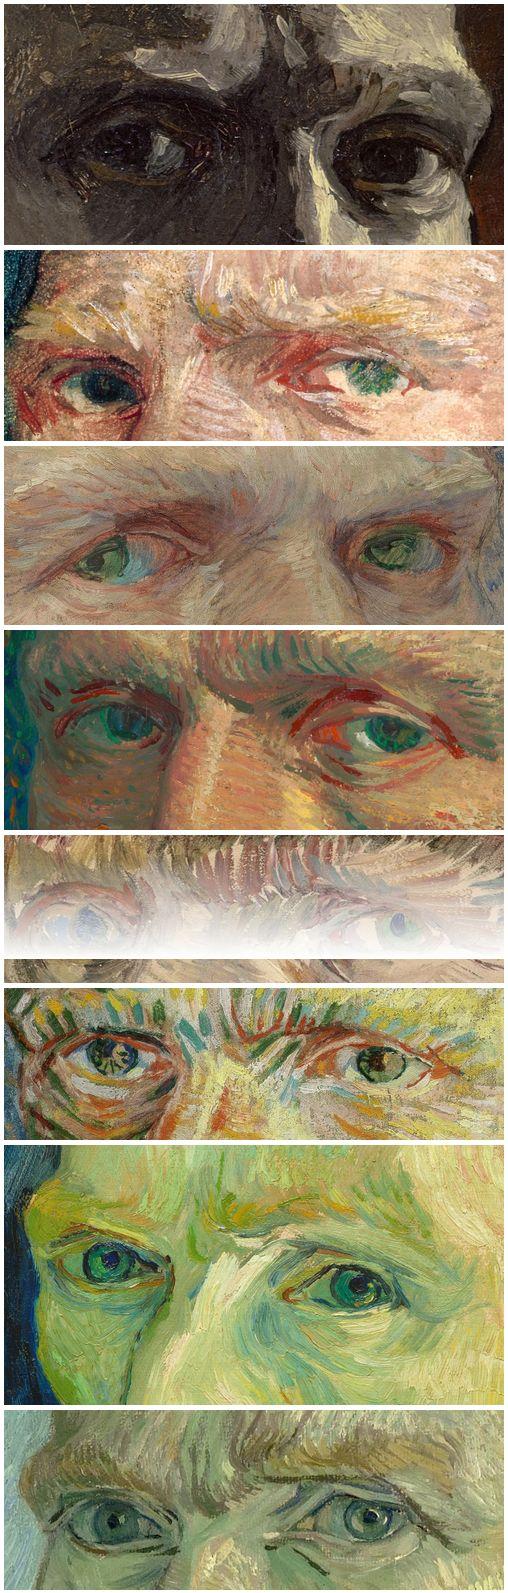 Les yeux de Vincent van Gogh: Self Portraits, 1886-1889: